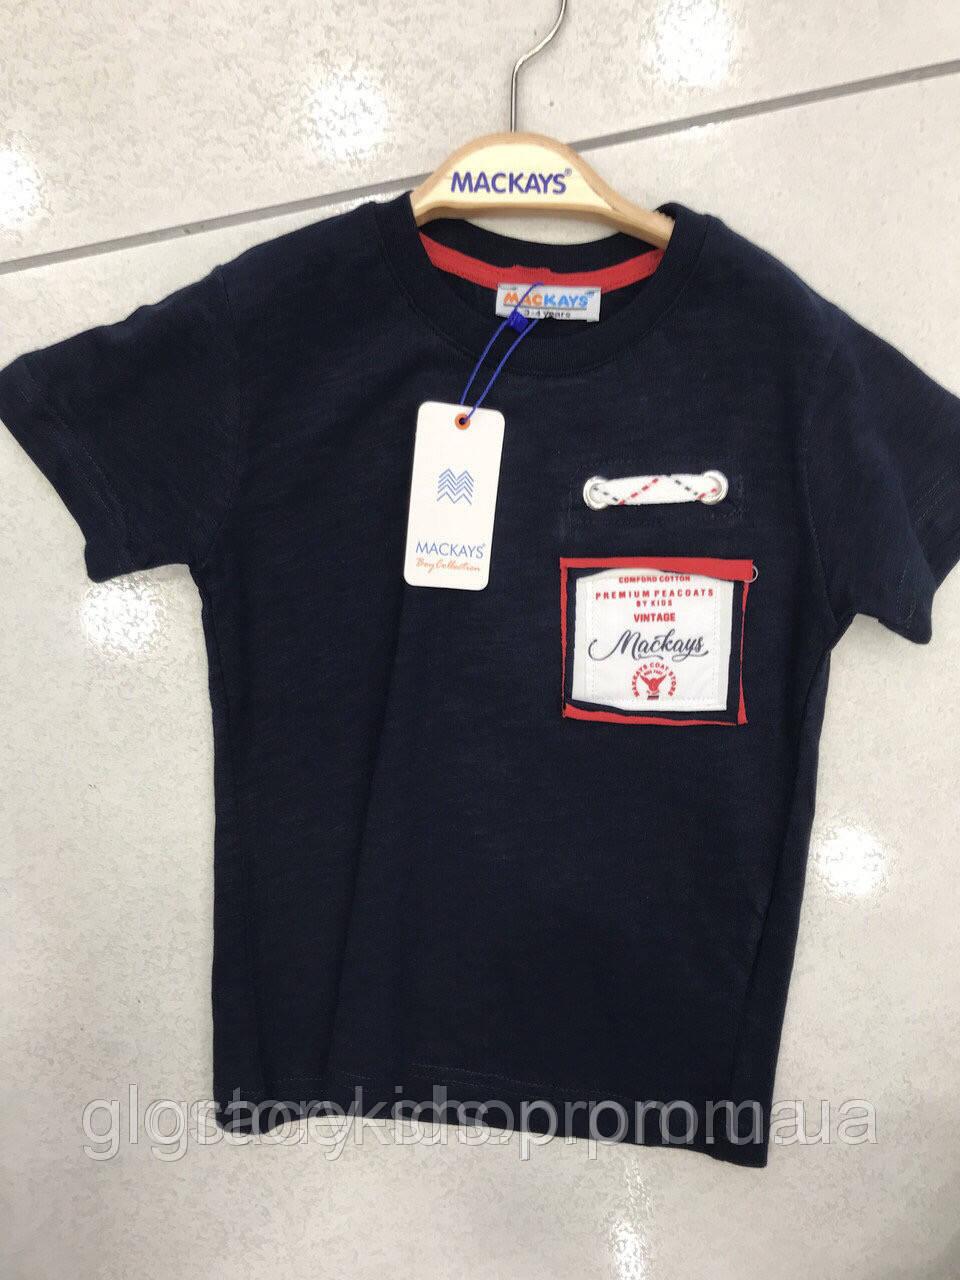 Детские футболки для мальчиков Mackays,разм 3-8лет